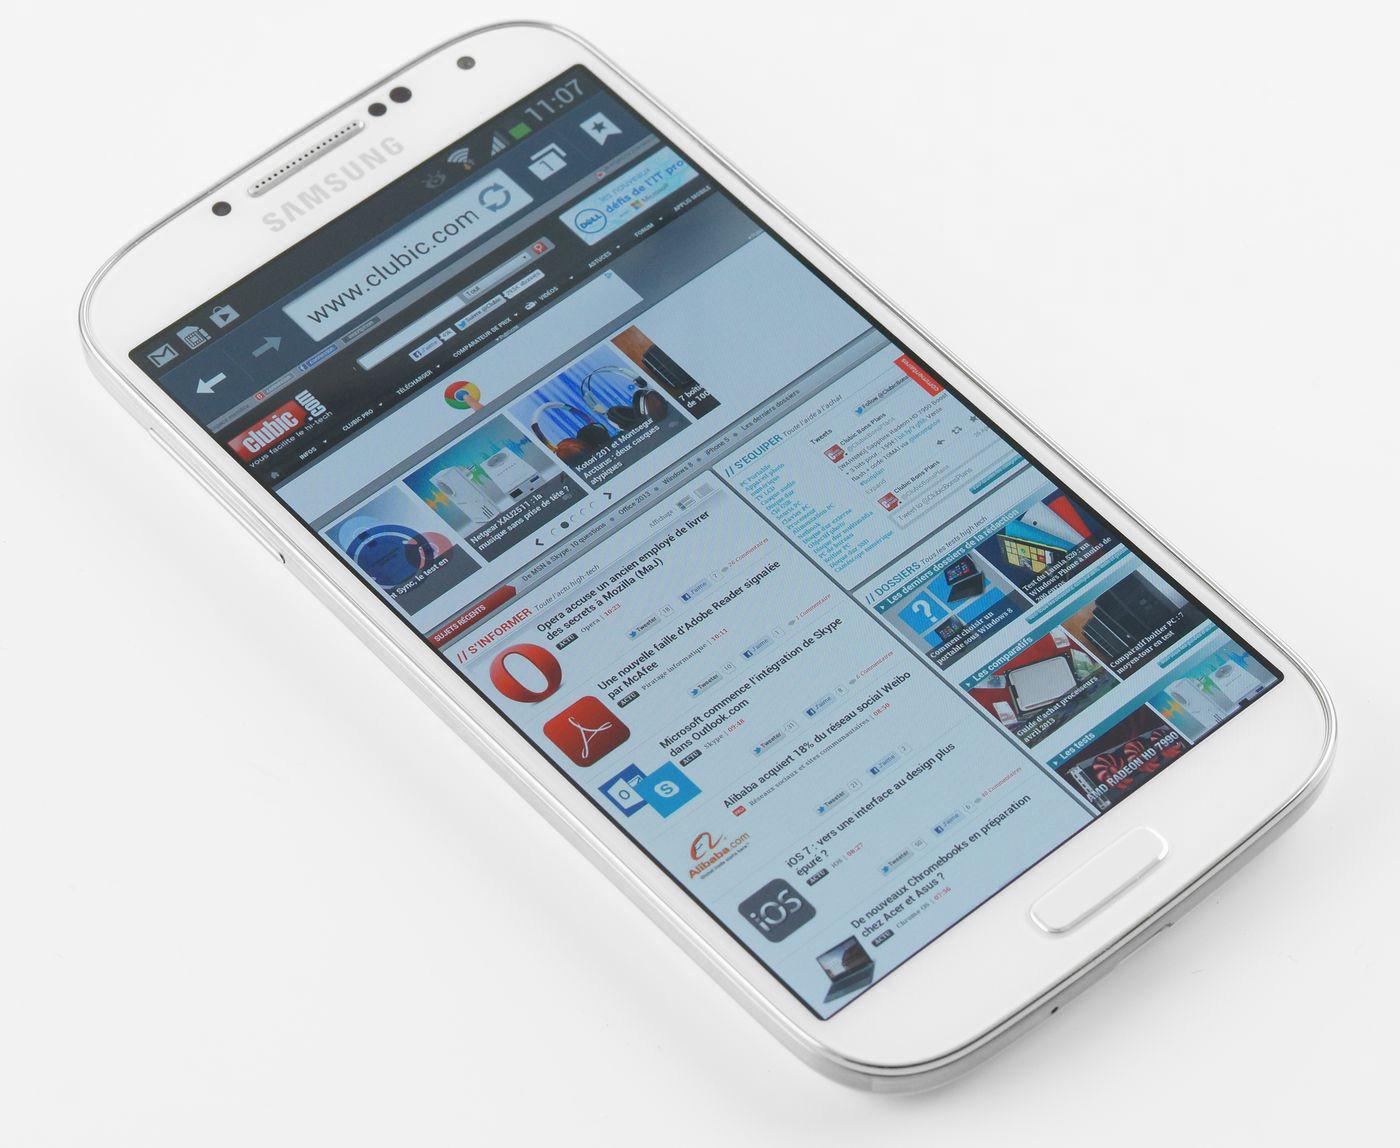 Galaxy S4 : 10 millions d'exemplaires vendus en moins d'un mois